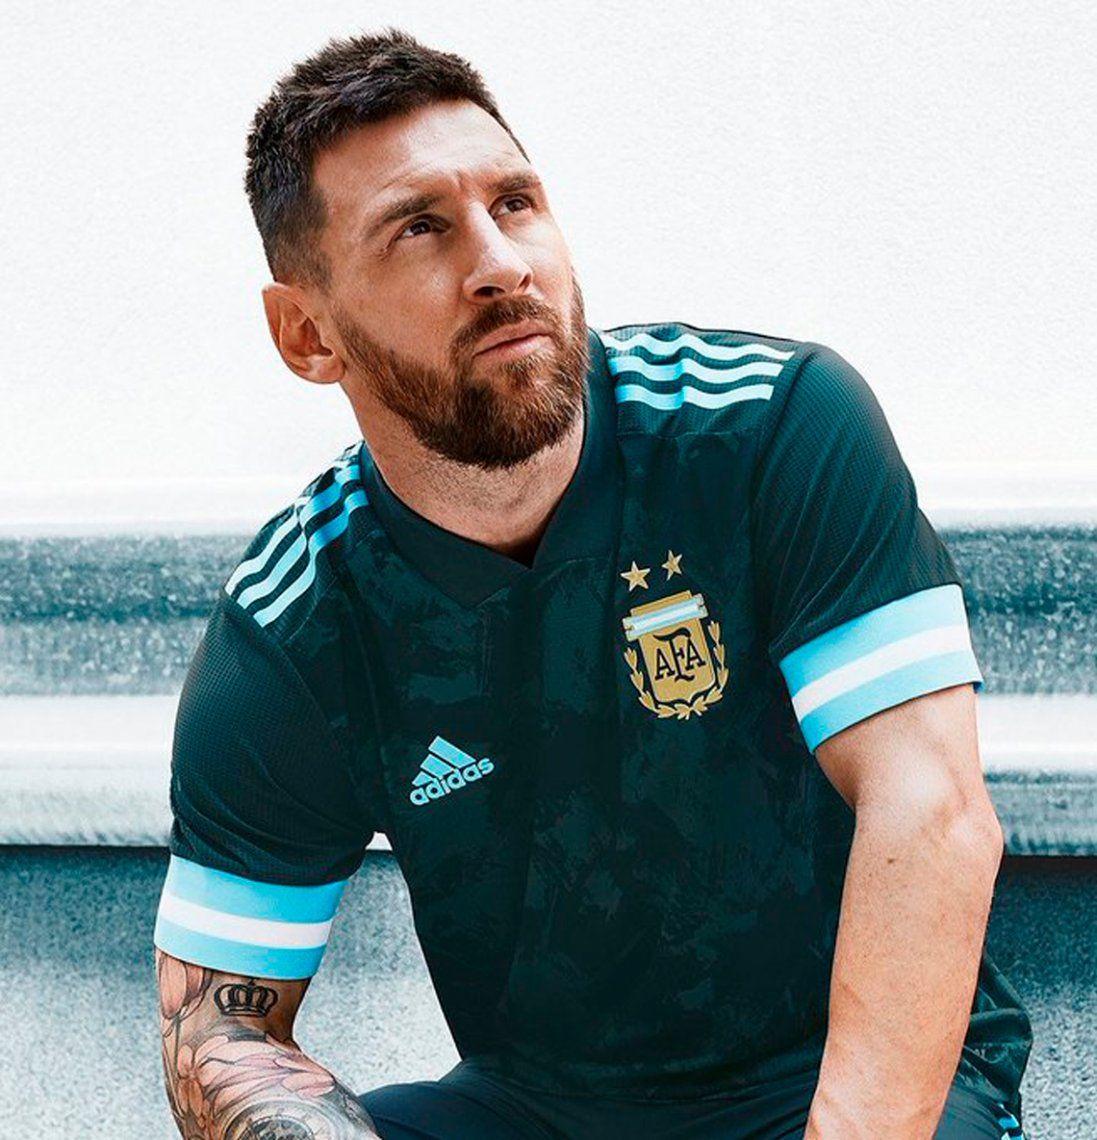 La nueva camiseta de la Selección Argentina